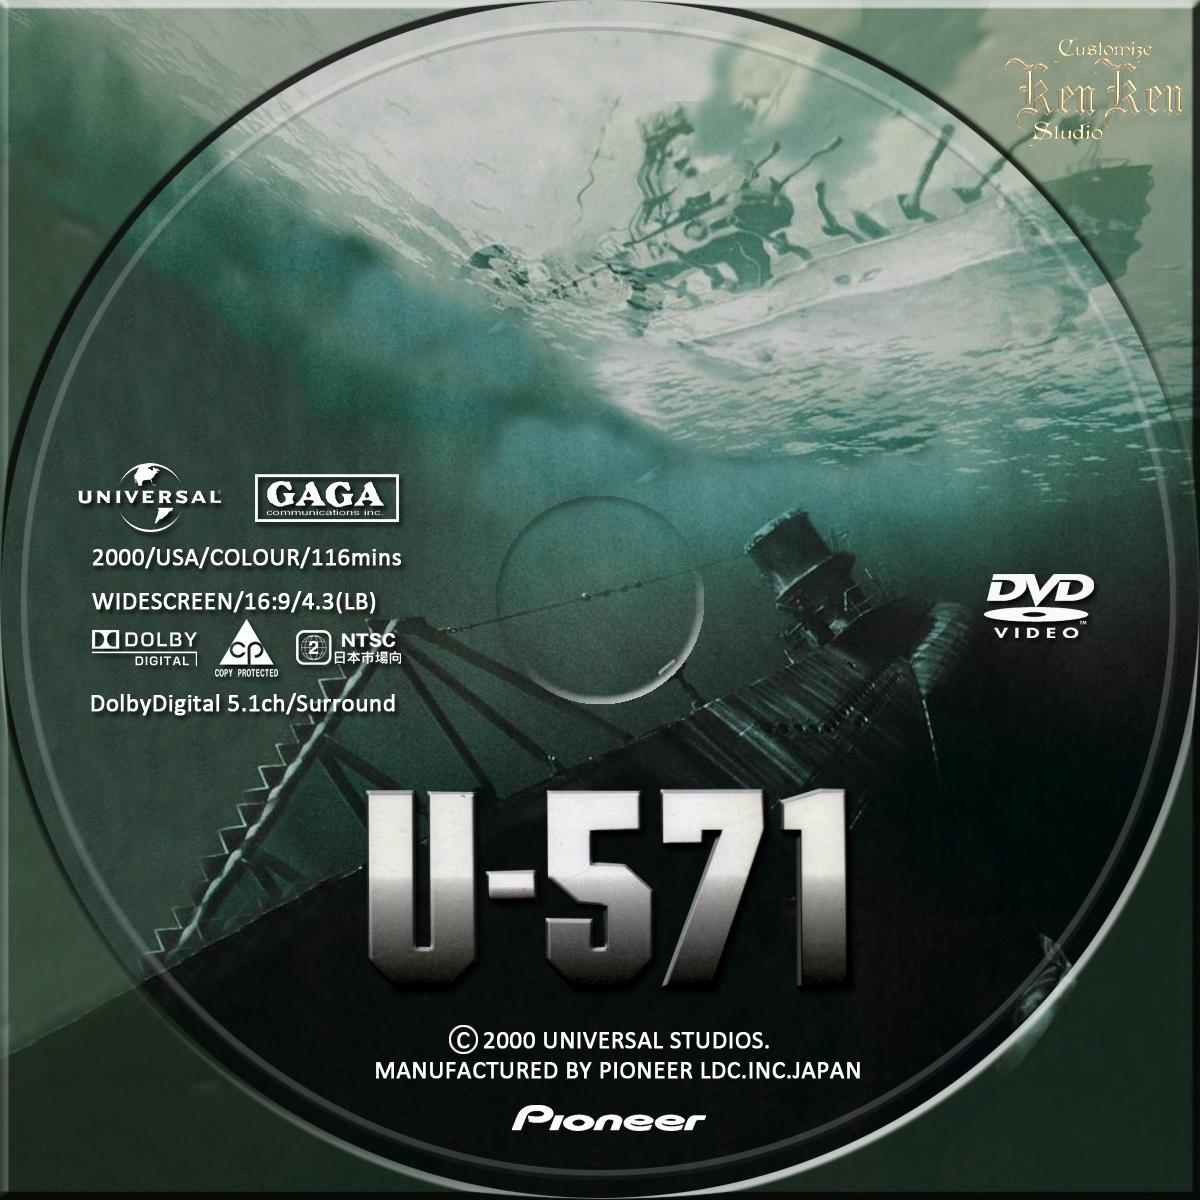 http://2.bp.blogspot.com/_bQY56Uy2fEg/TNaefA8F6OI/AAAAAAAAEag/_lsIduawQCI/s1600/Ponorka+U-571+DVD+Disk+%281%29.jpg